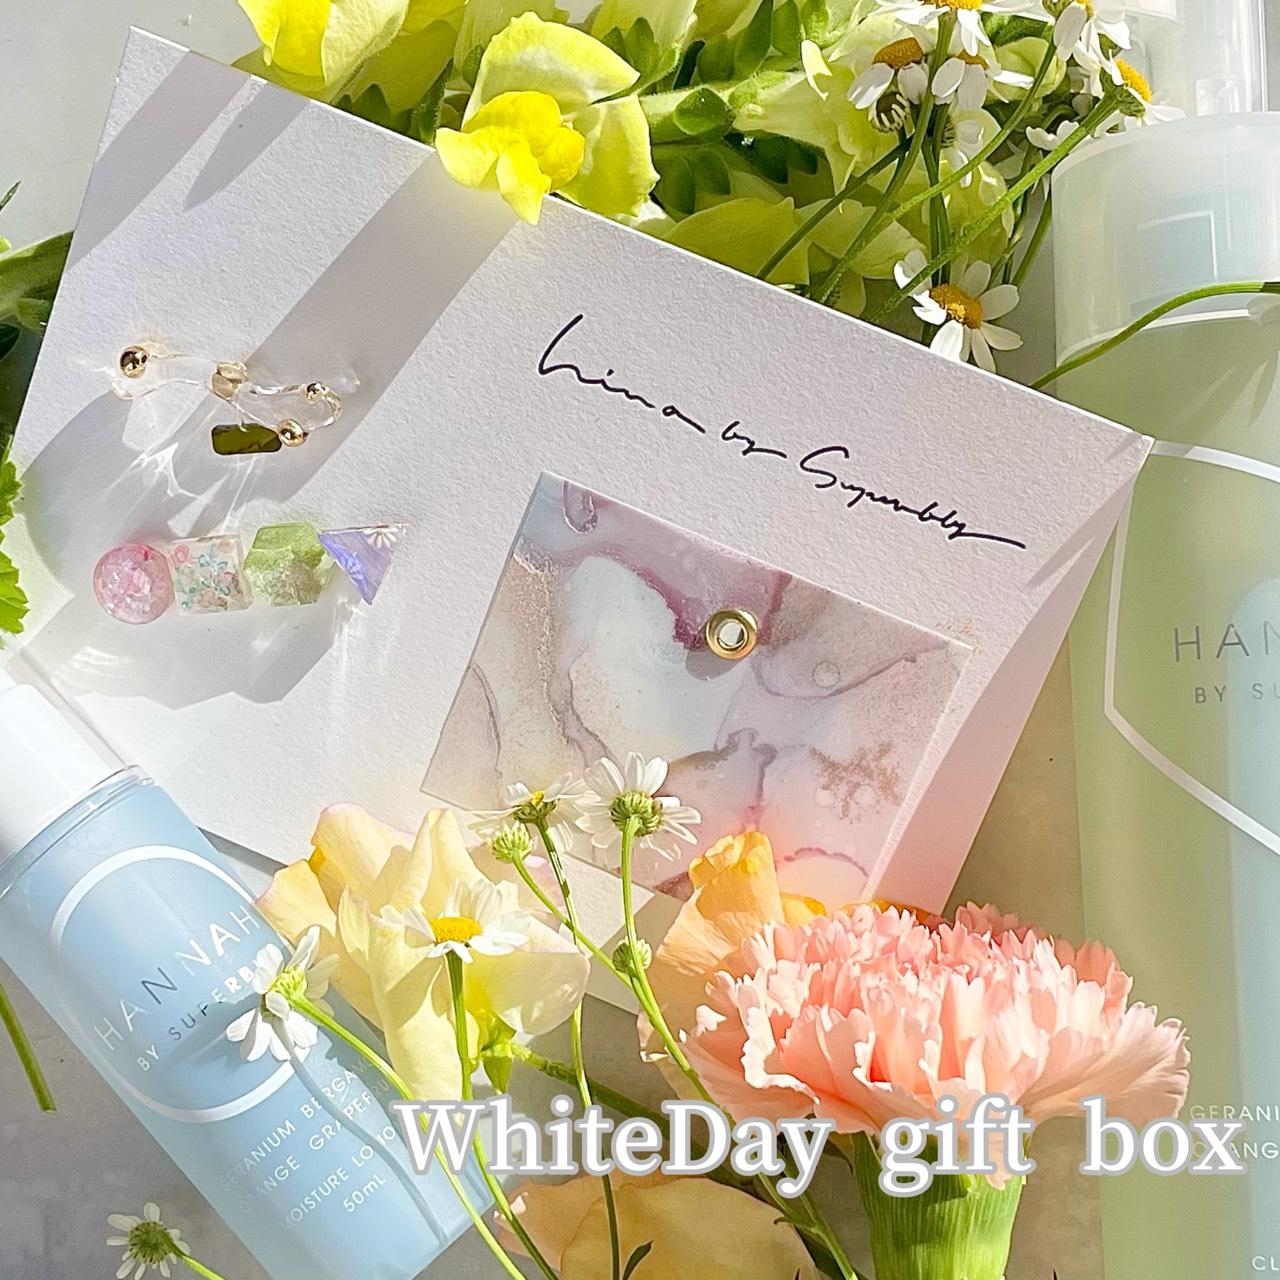 〈 期間限定 〉「HANNAH×hina」 White Day gift box が登場.